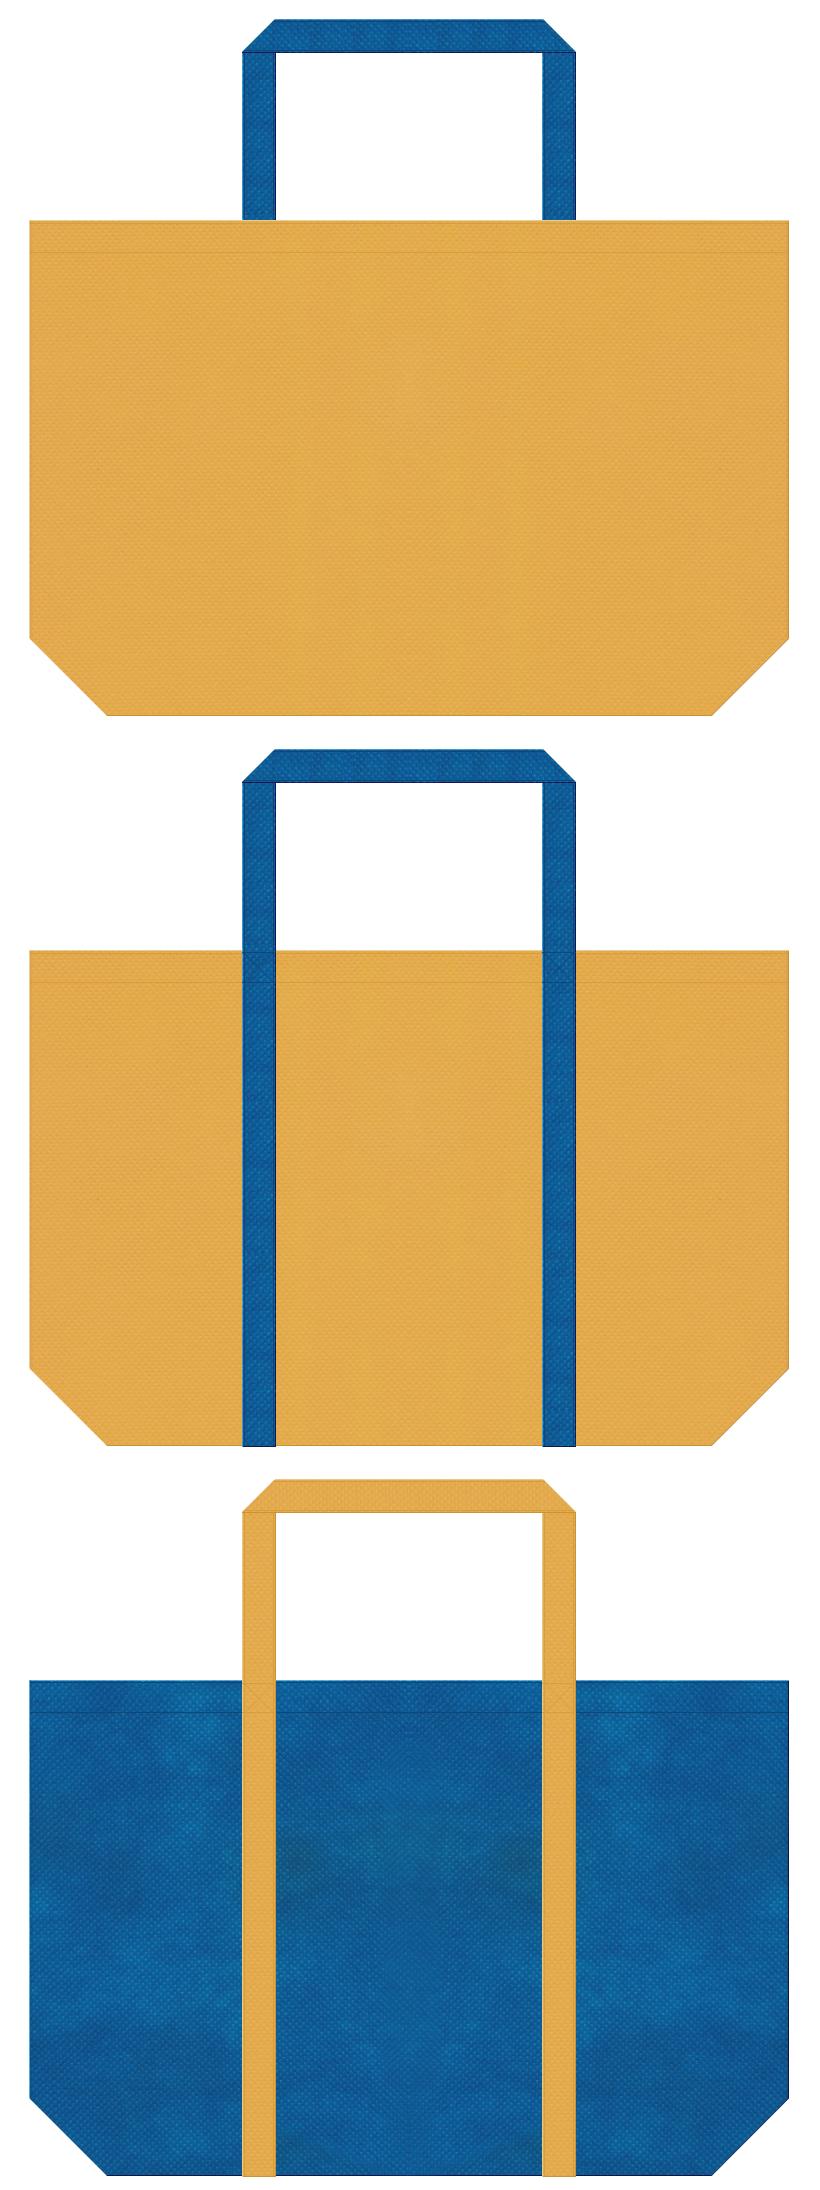 黄土色と青色の不織布ショッピングバッグデザイン。